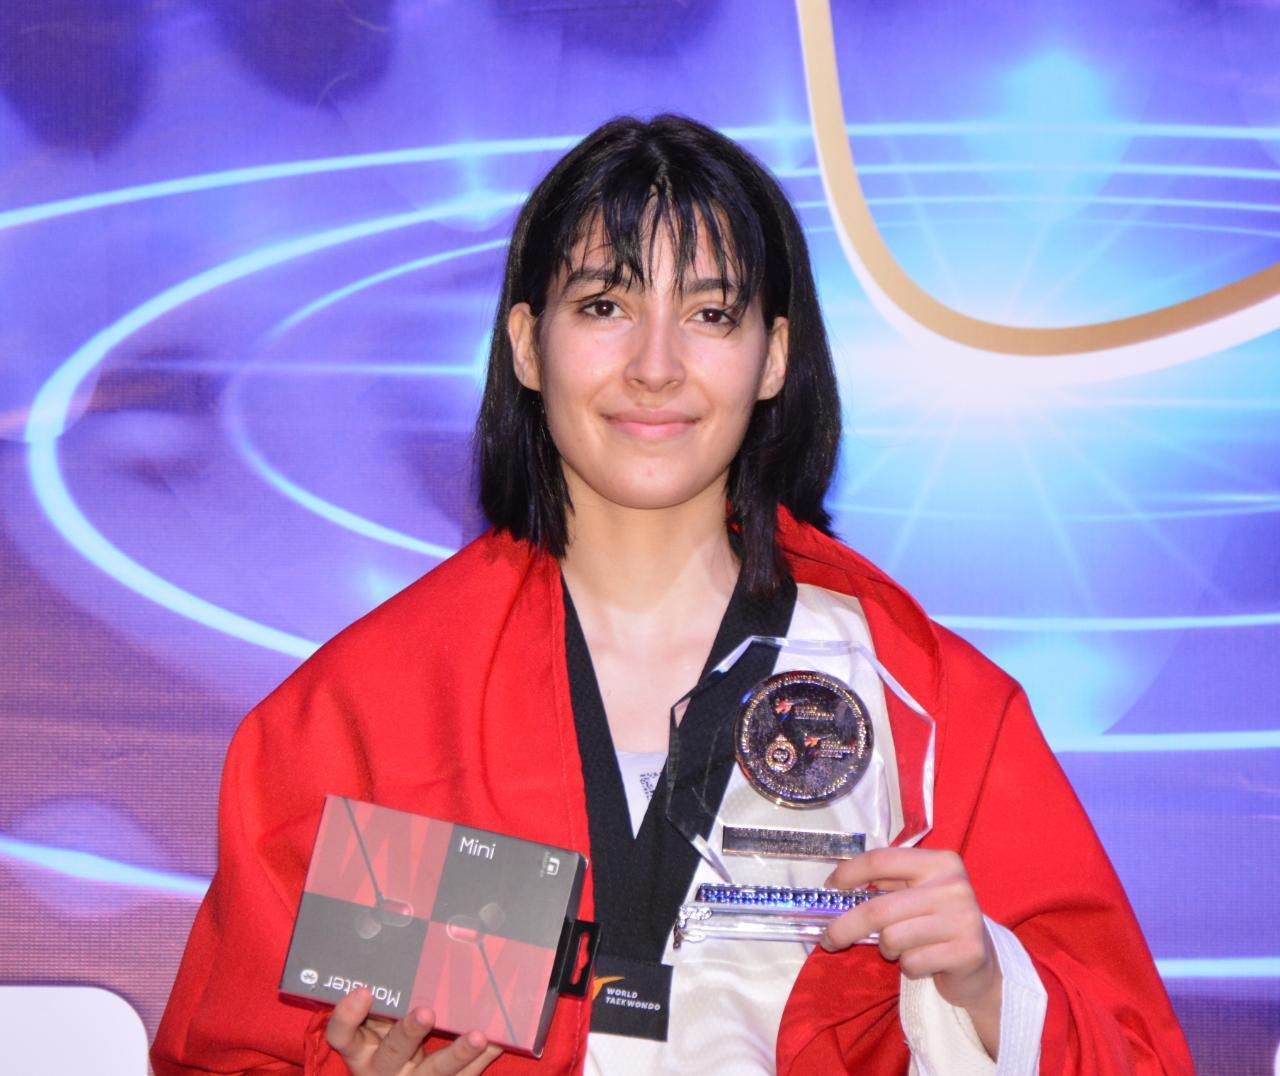 Oumaima Bouchti a remportéi la médaille d'or dans la catégorie des moins 53 kg